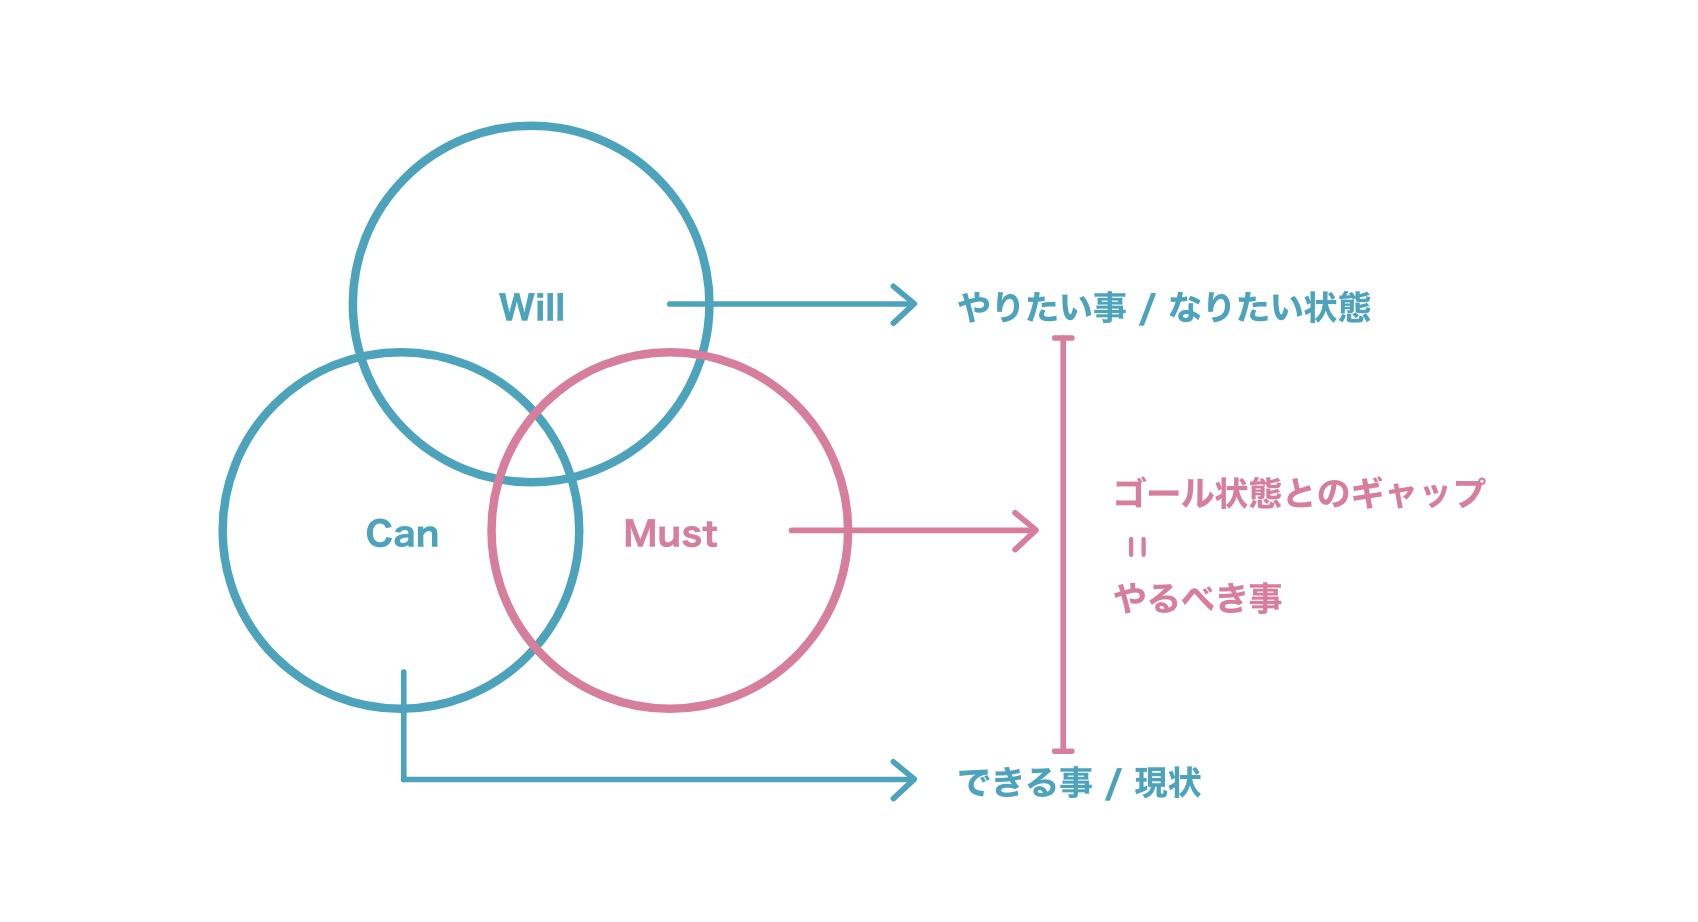 WCMフレームワークの解説図